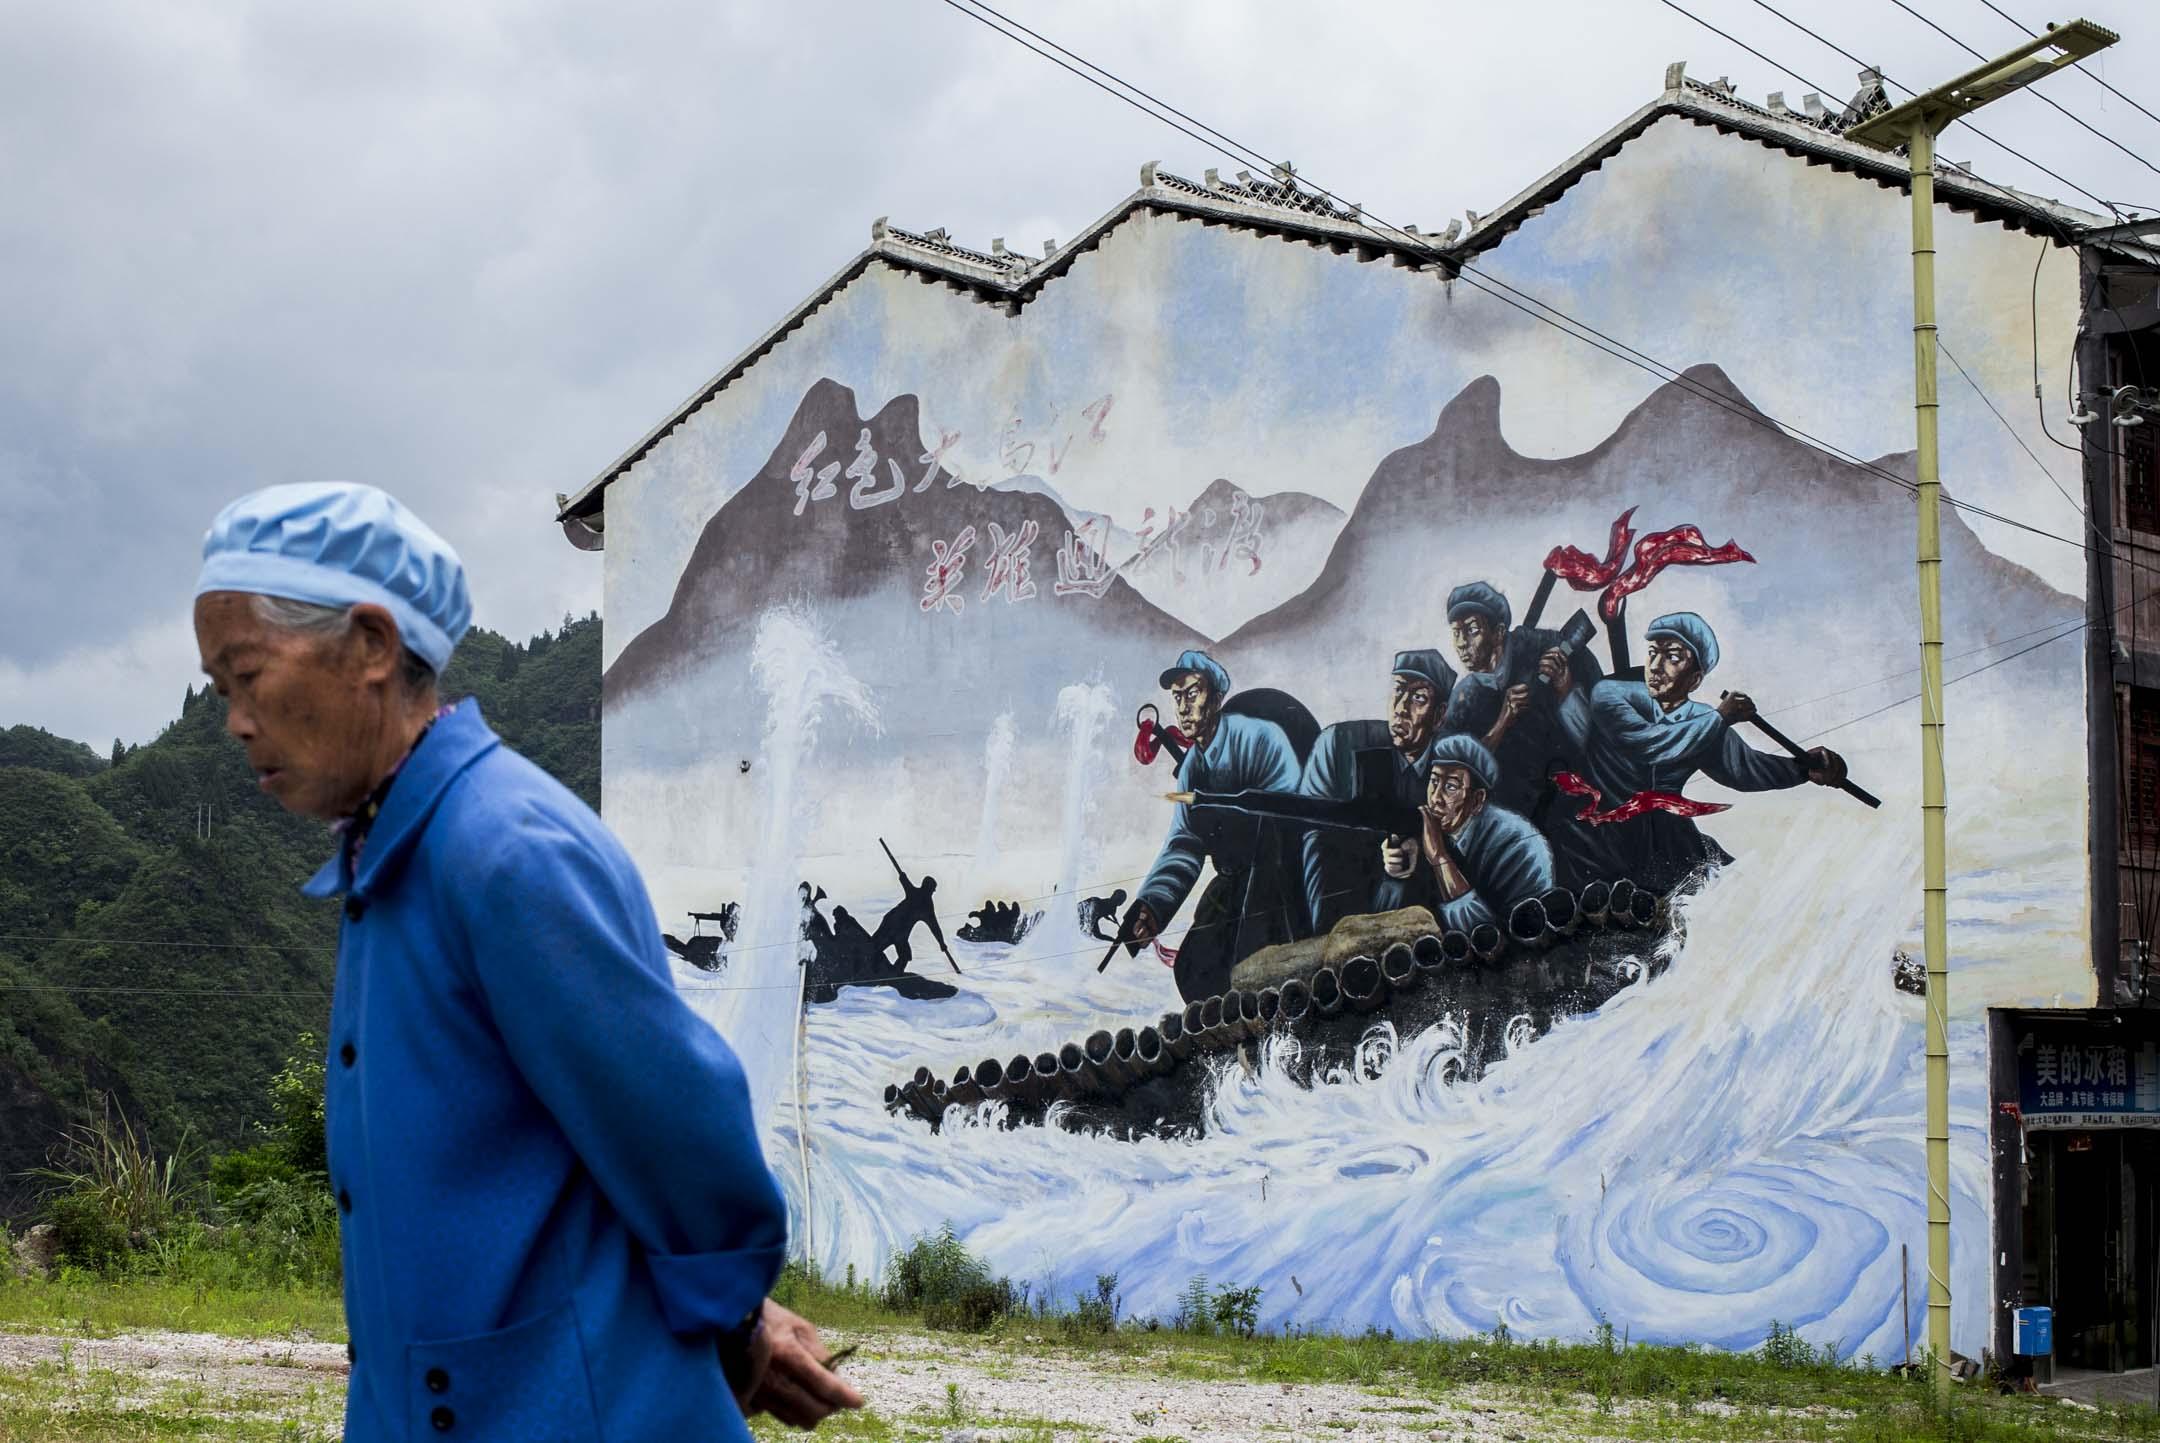 2021年5月29日,大烏江鎮一塊巨型的璧畫,內容是當年紅軍渡烏江的畫面。 攝:林振東/端傳媒